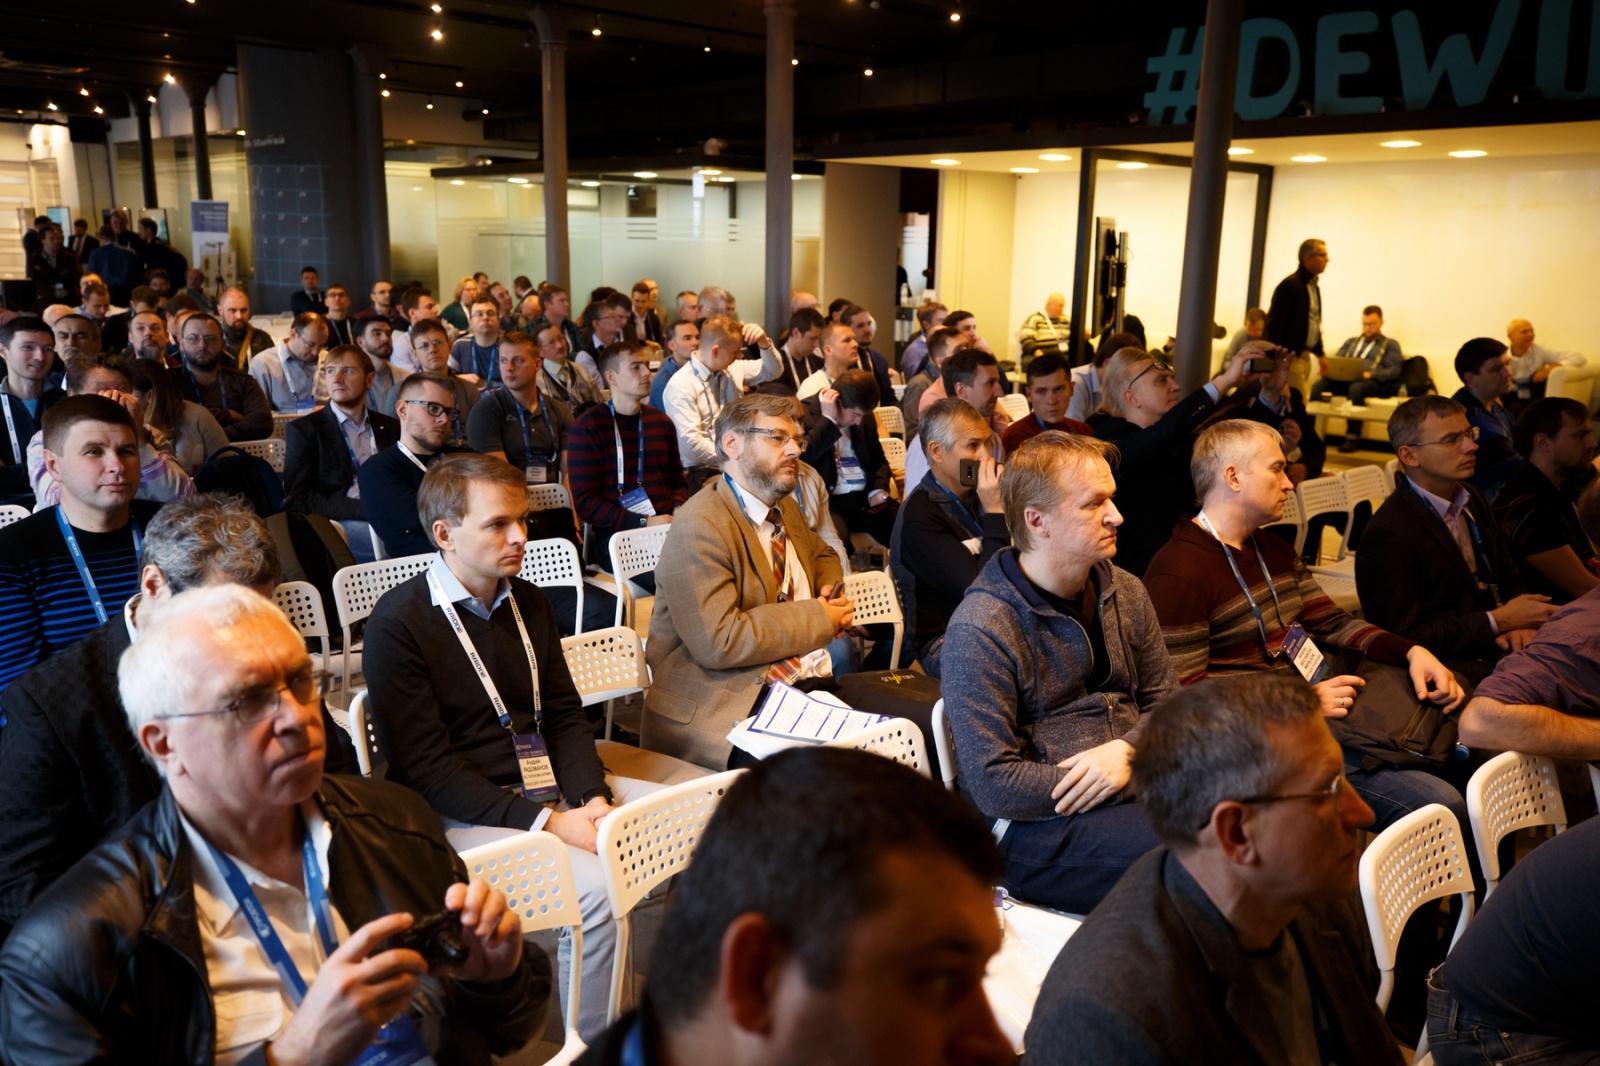 Конференция ПРОSTOR 2018: вопросы и ответы про будущее СХД - 34